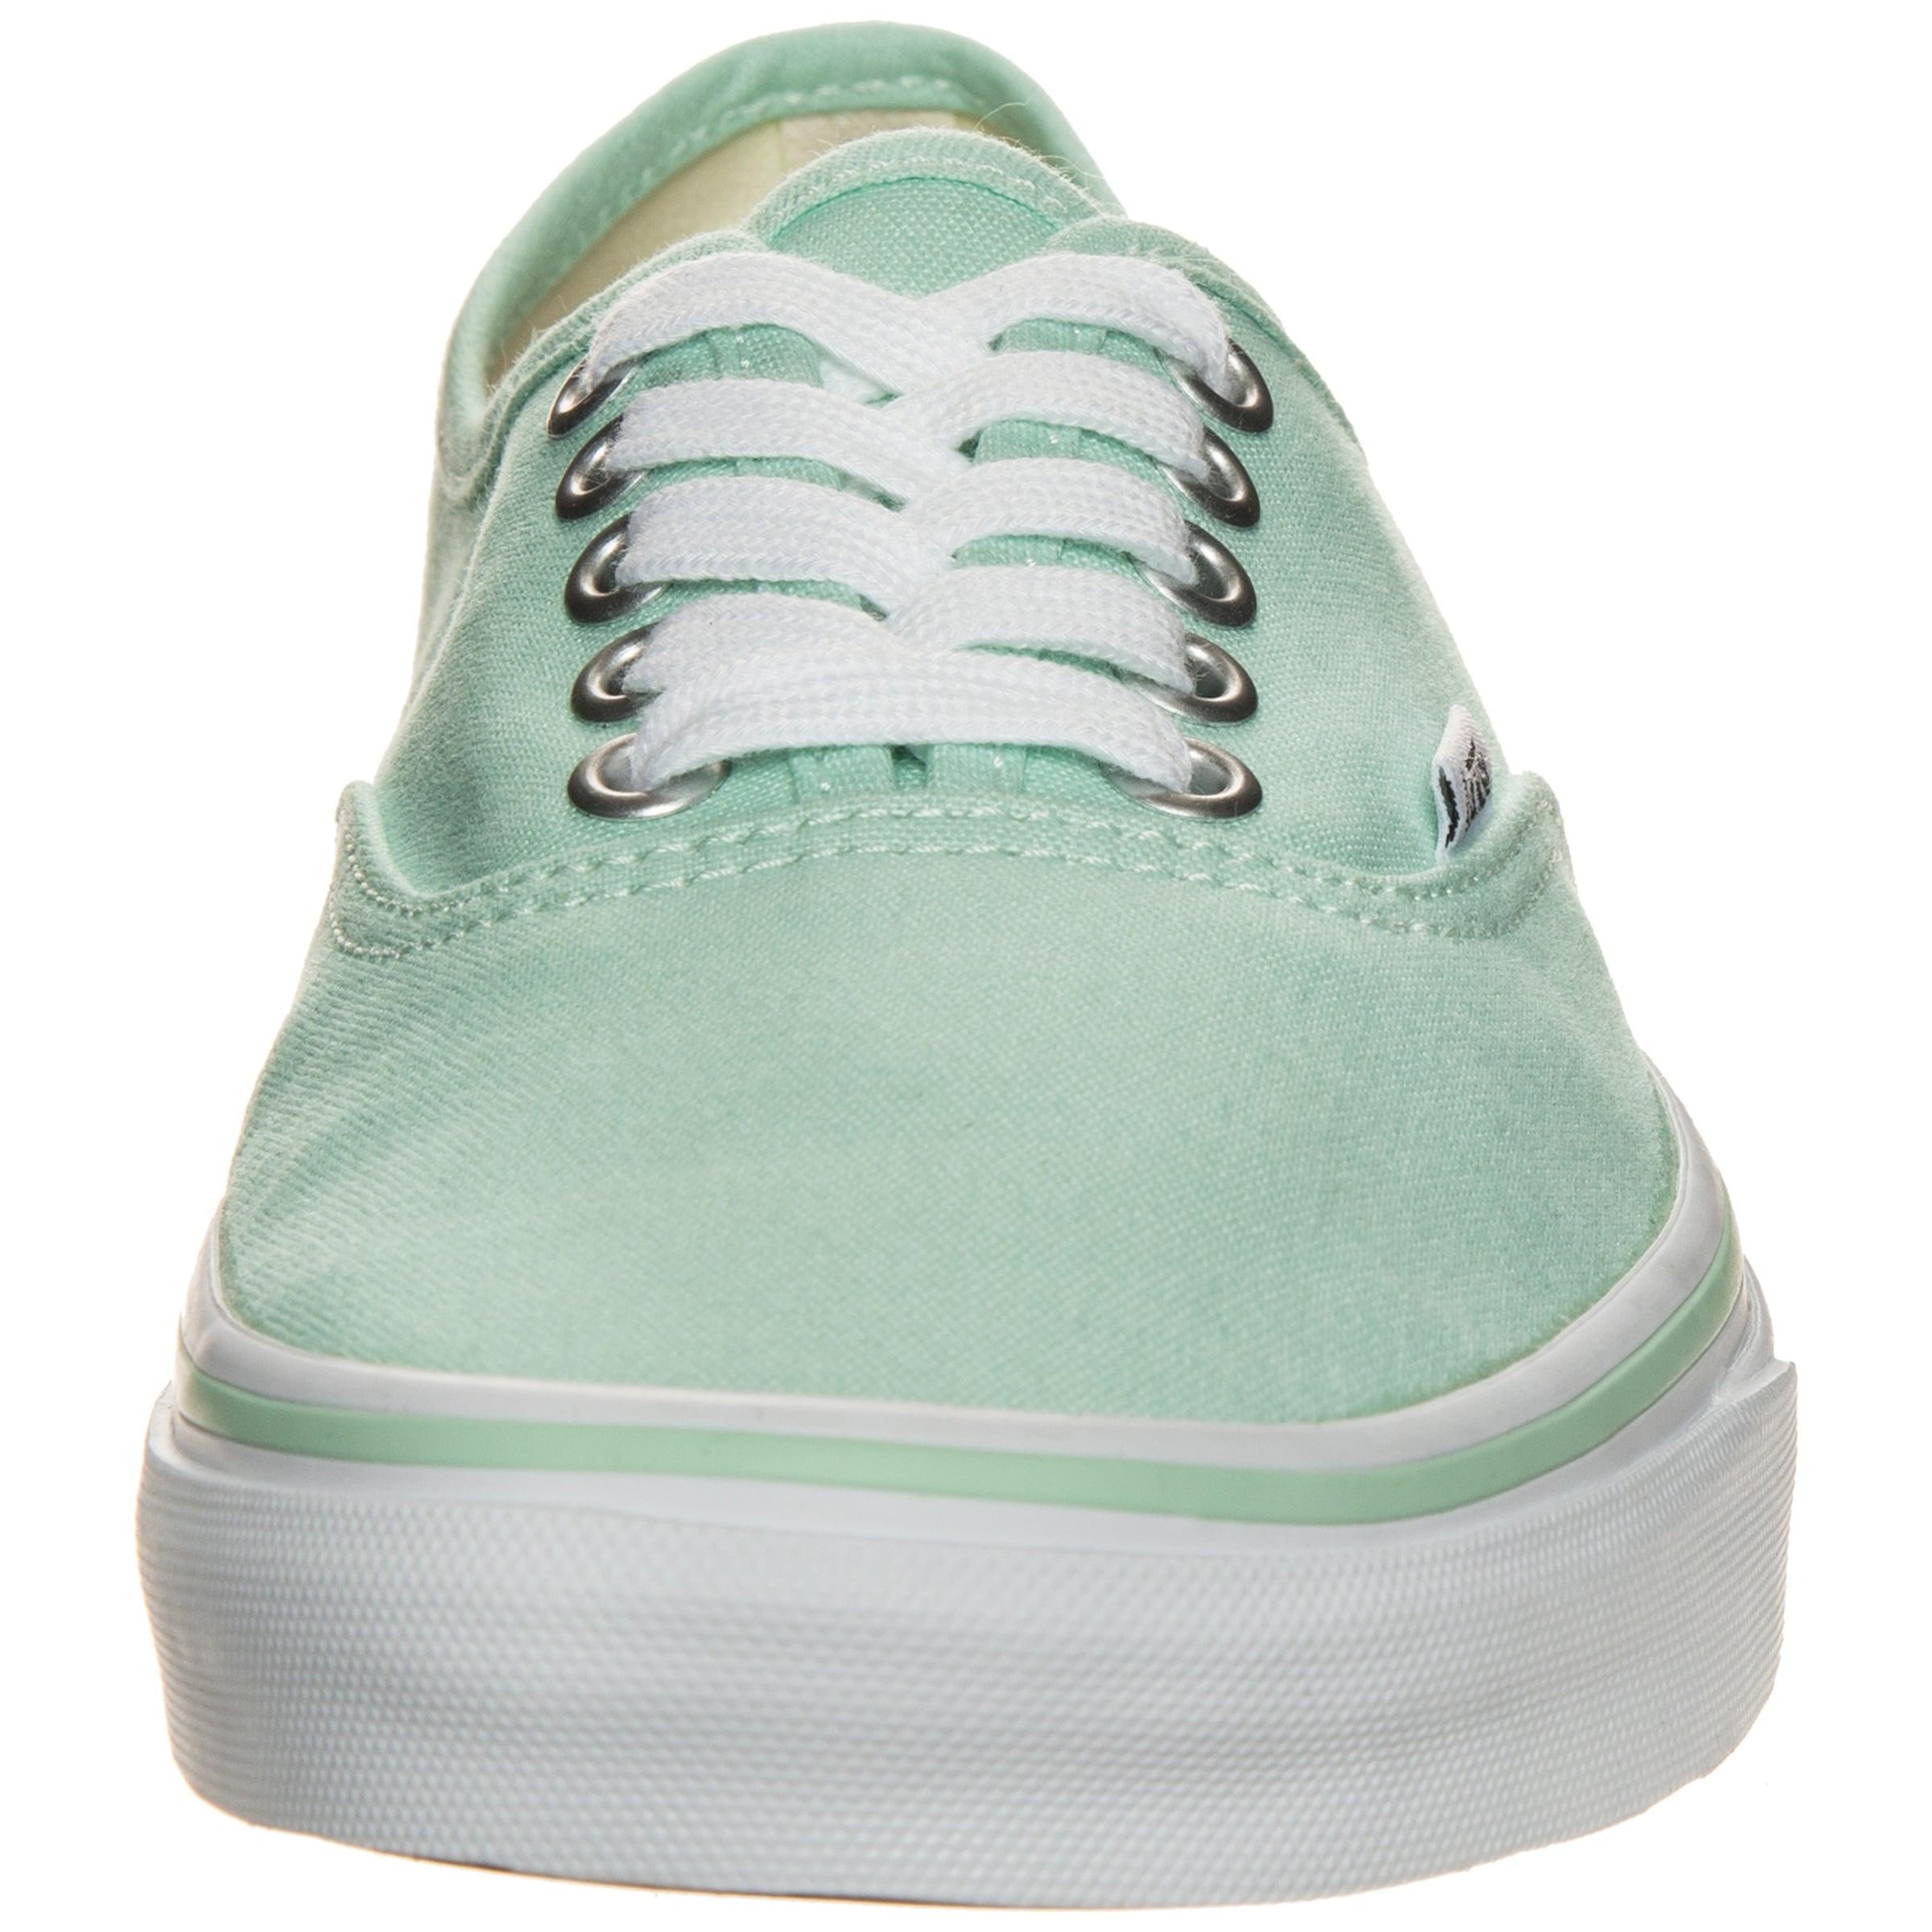 VANS Sneaker 'Authentic' Günstig Kaufen Modisch Billig Verkaufen Sauber Und Klassisch Eastbay Verkauf Online Bester Preiswerter Großhandelspreis eZrR7fYg